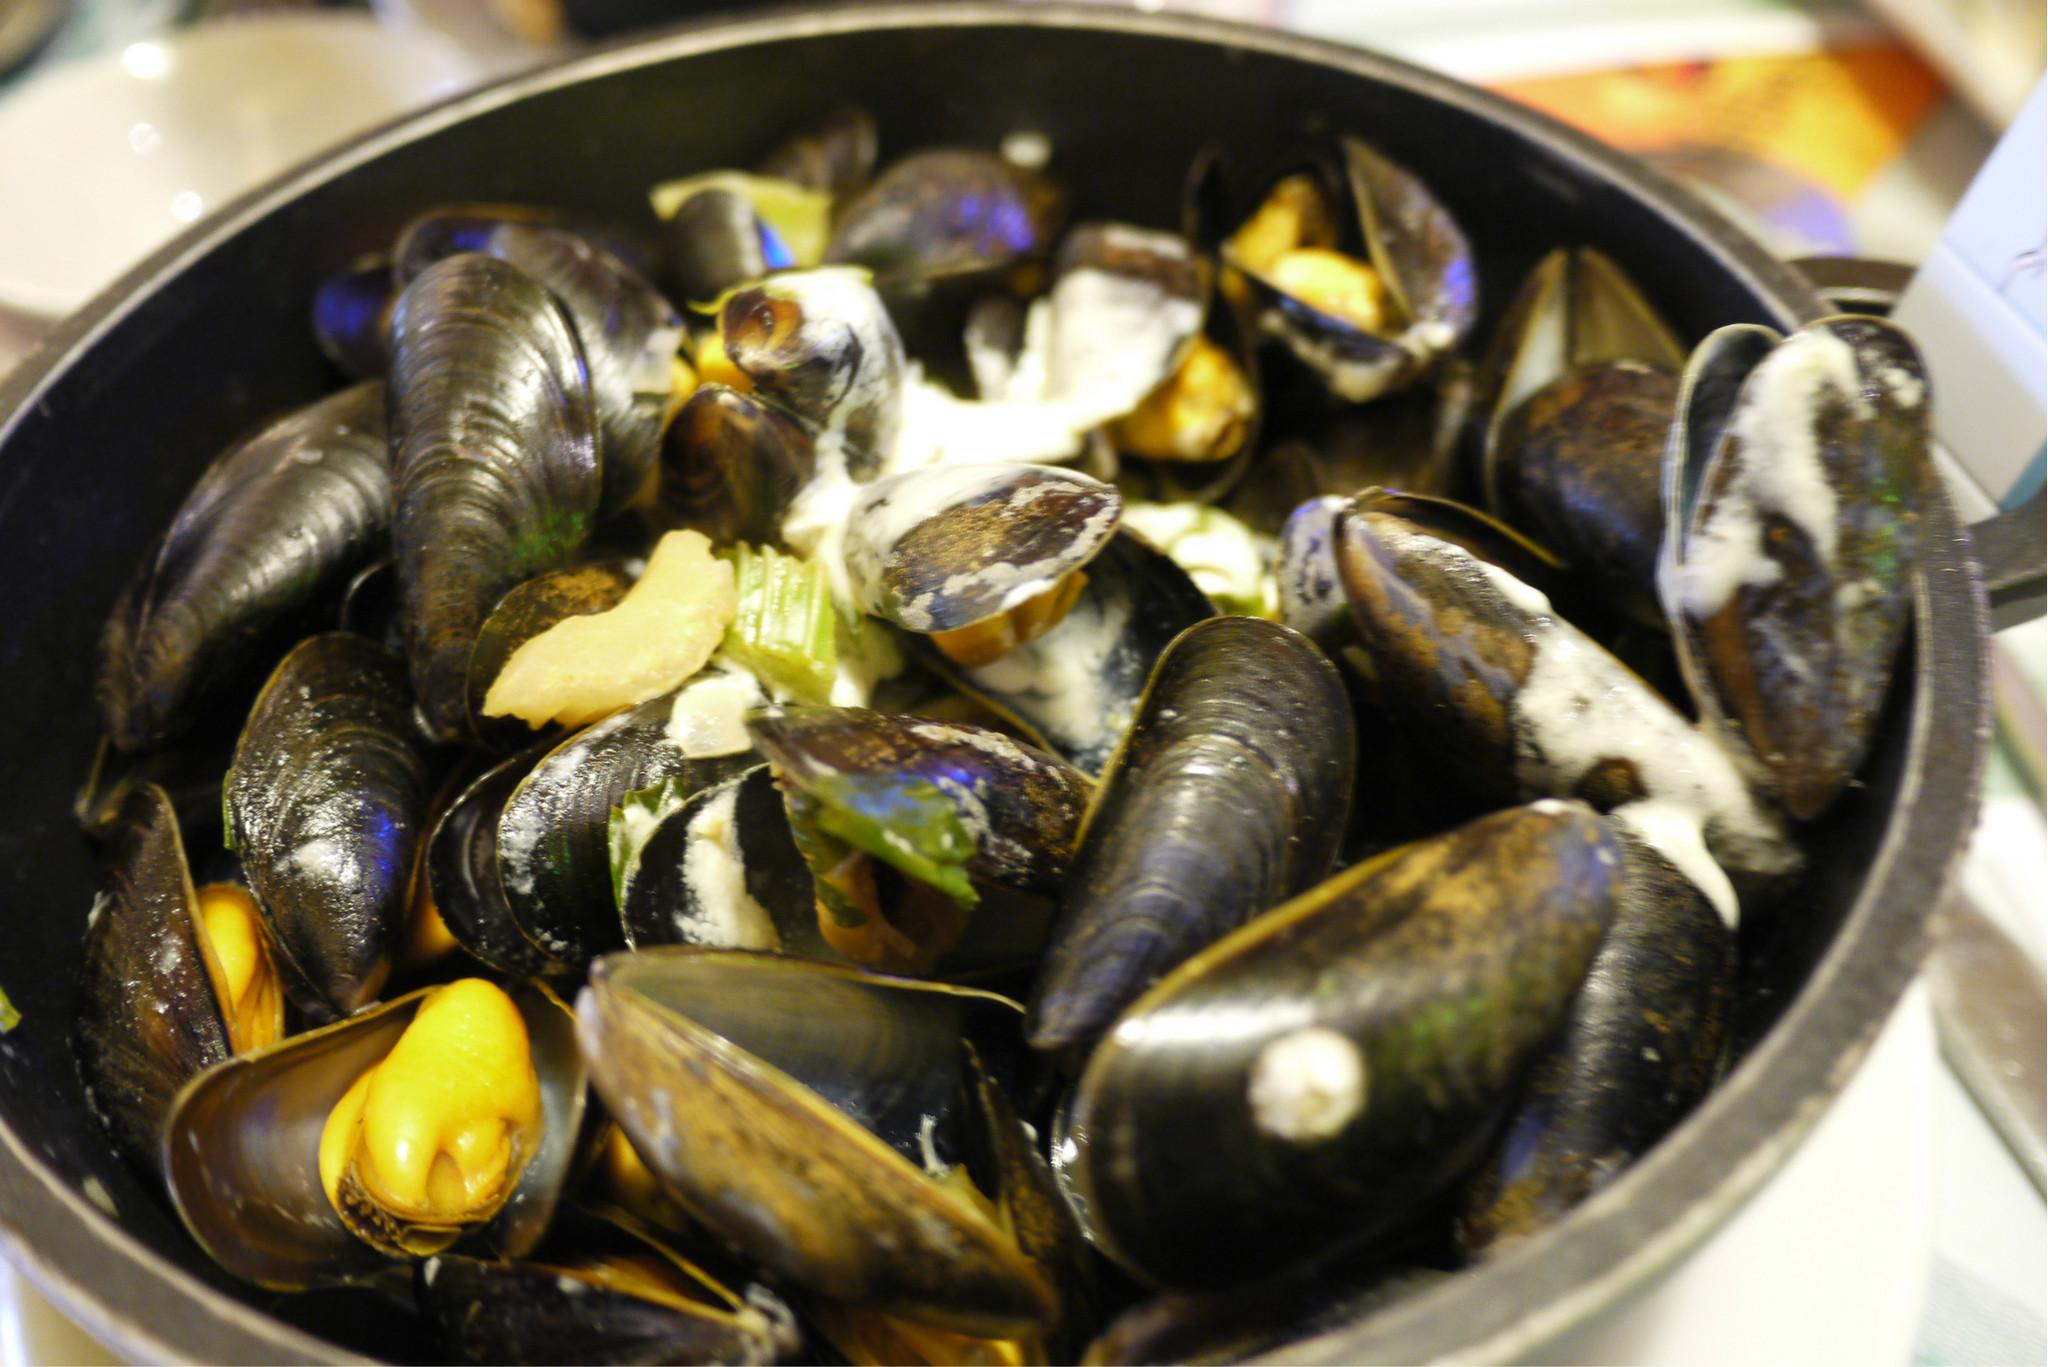 法国巴黎的首顿海鲜美食~~chez leon de bruxelles